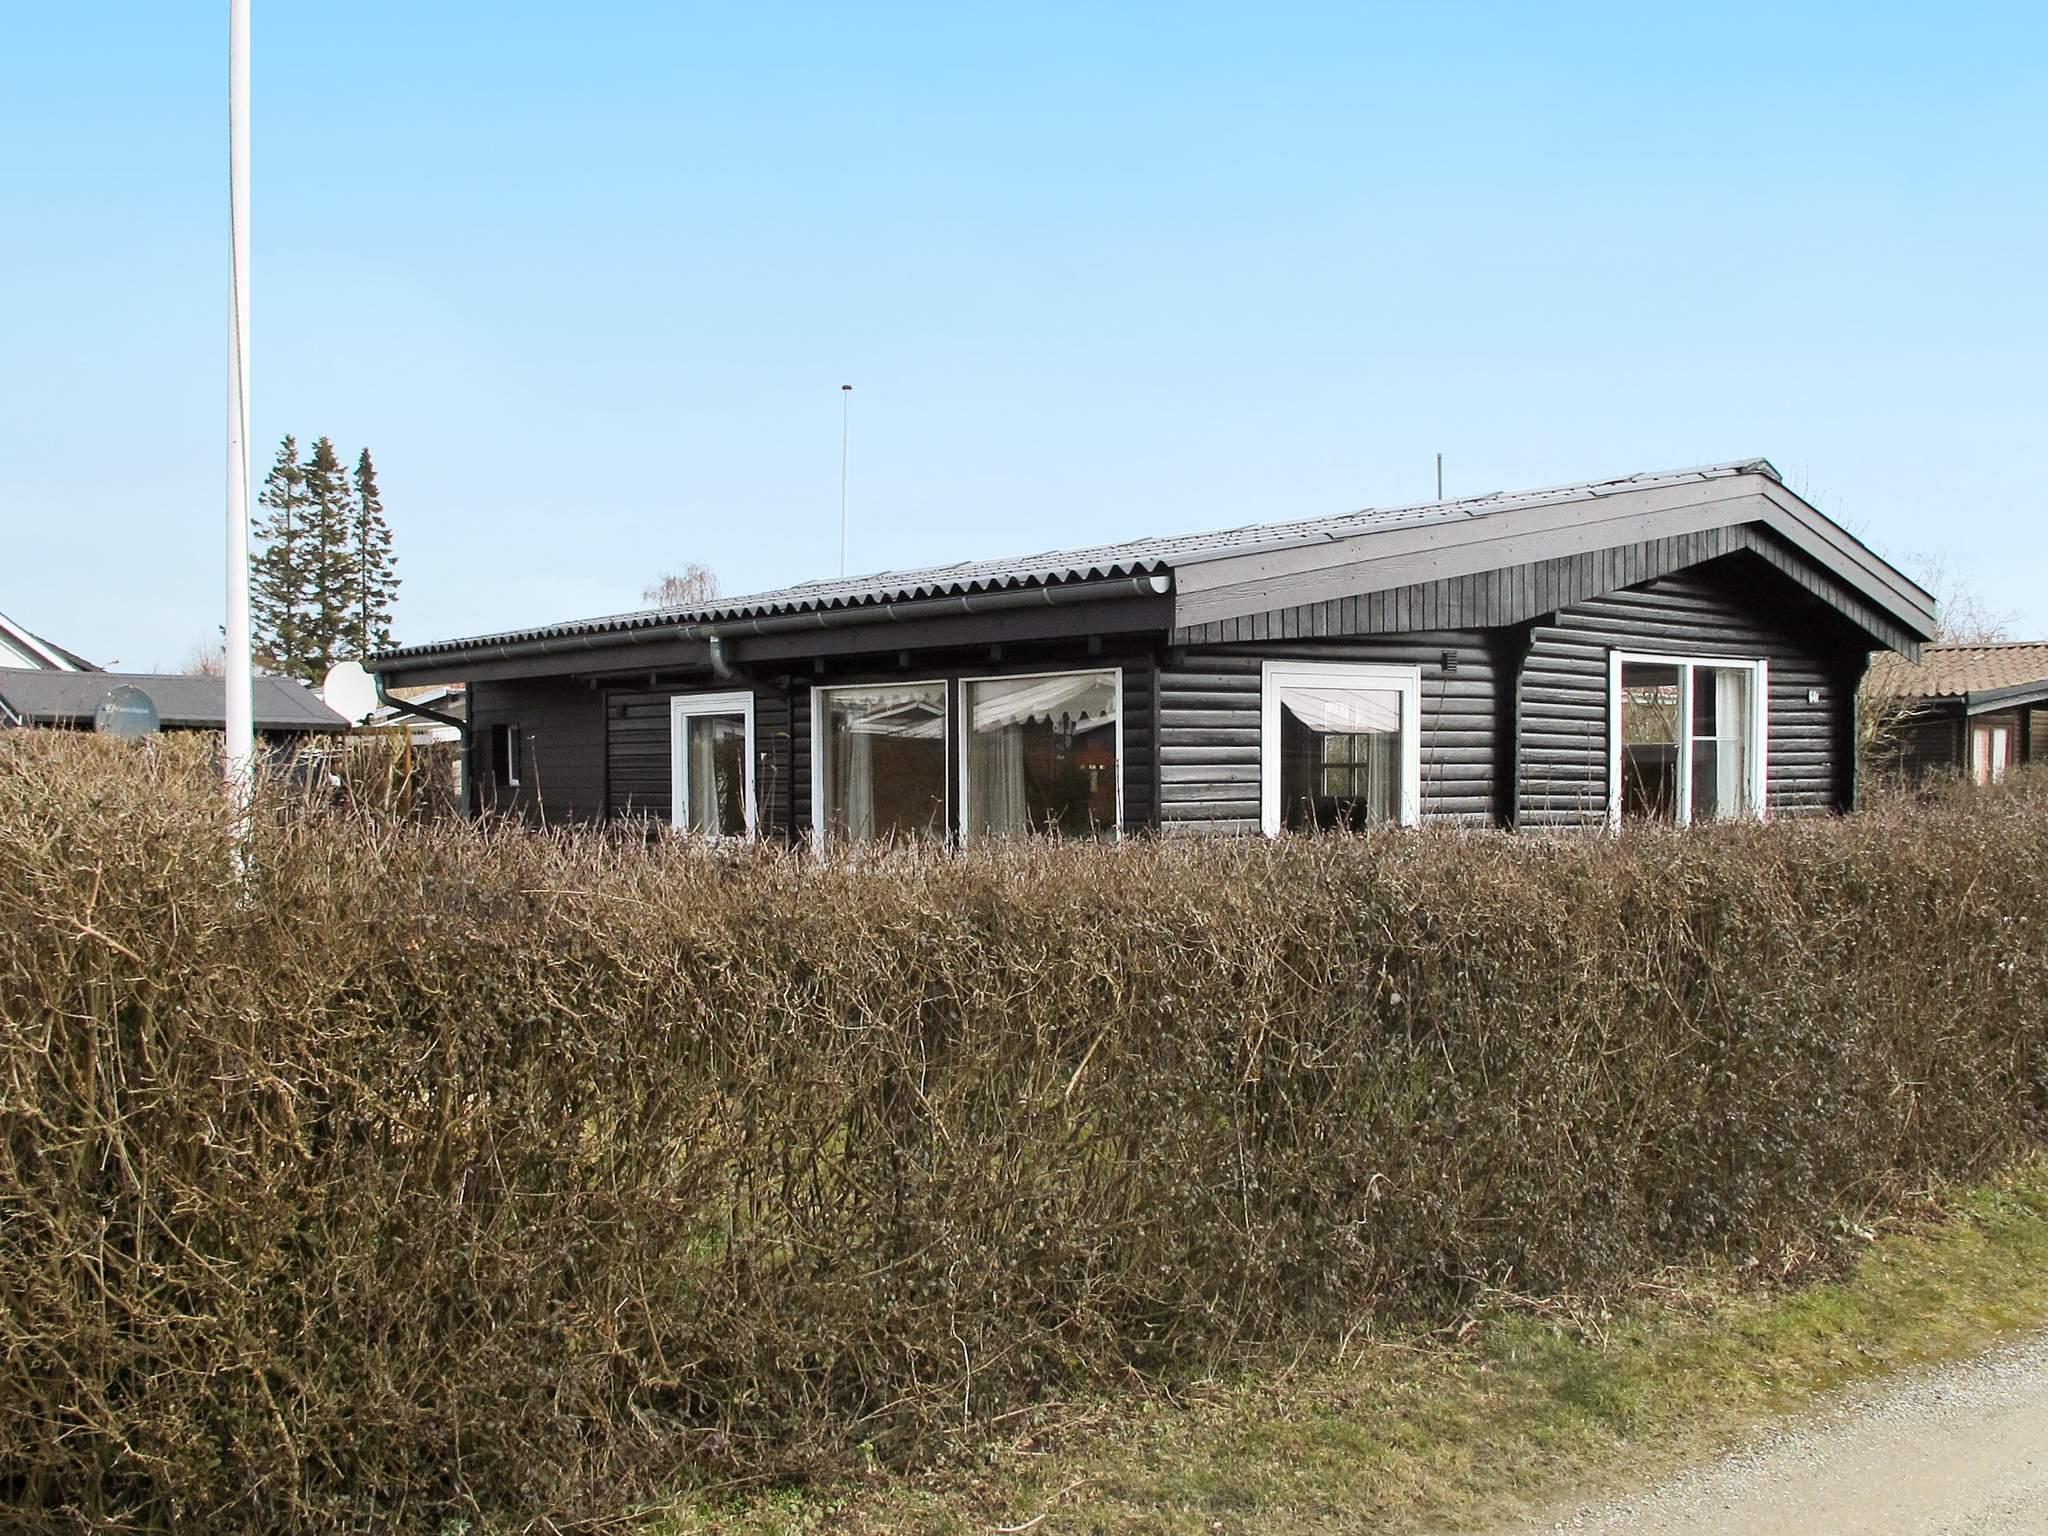 Ferienhaus Karrebæksminde (2404272), Karrebæksminde, , Südseeland, Dänemark, Bild 1